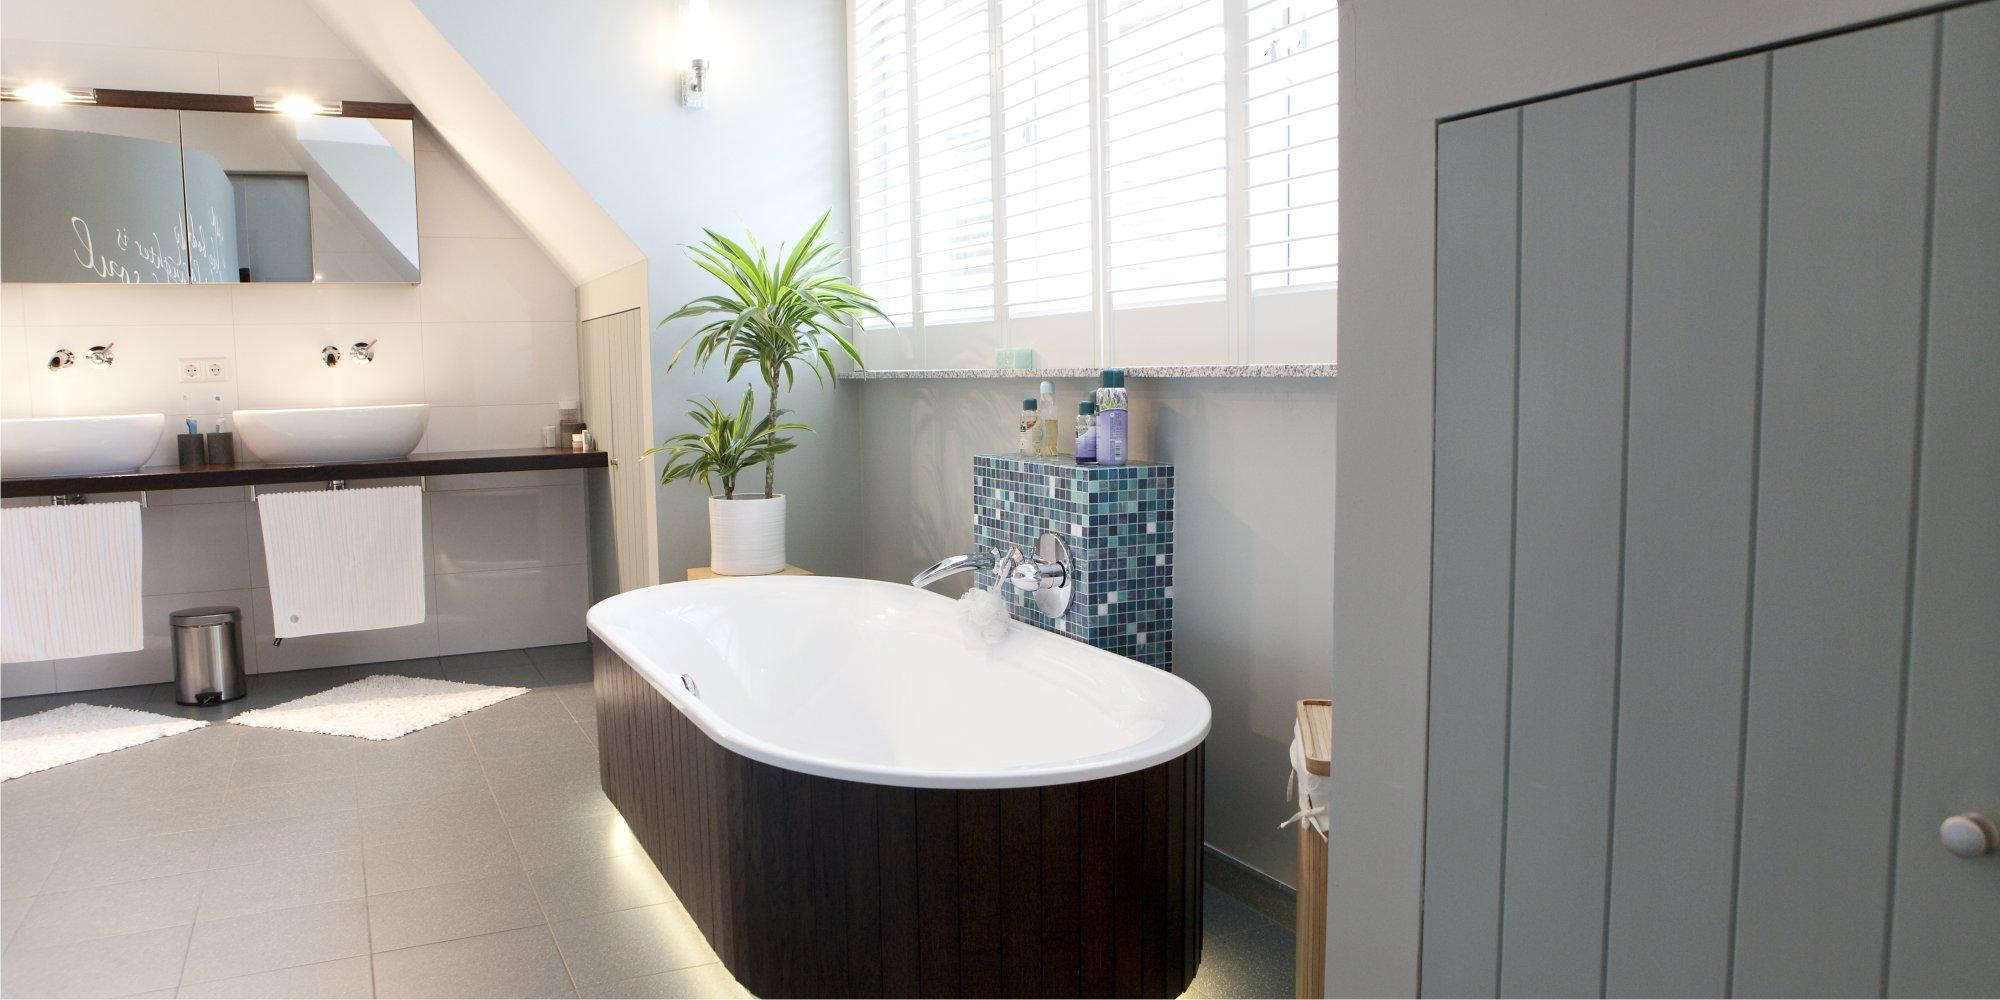 Gele voegen badkamer schoonmaken - THOMAS GASPERSZ